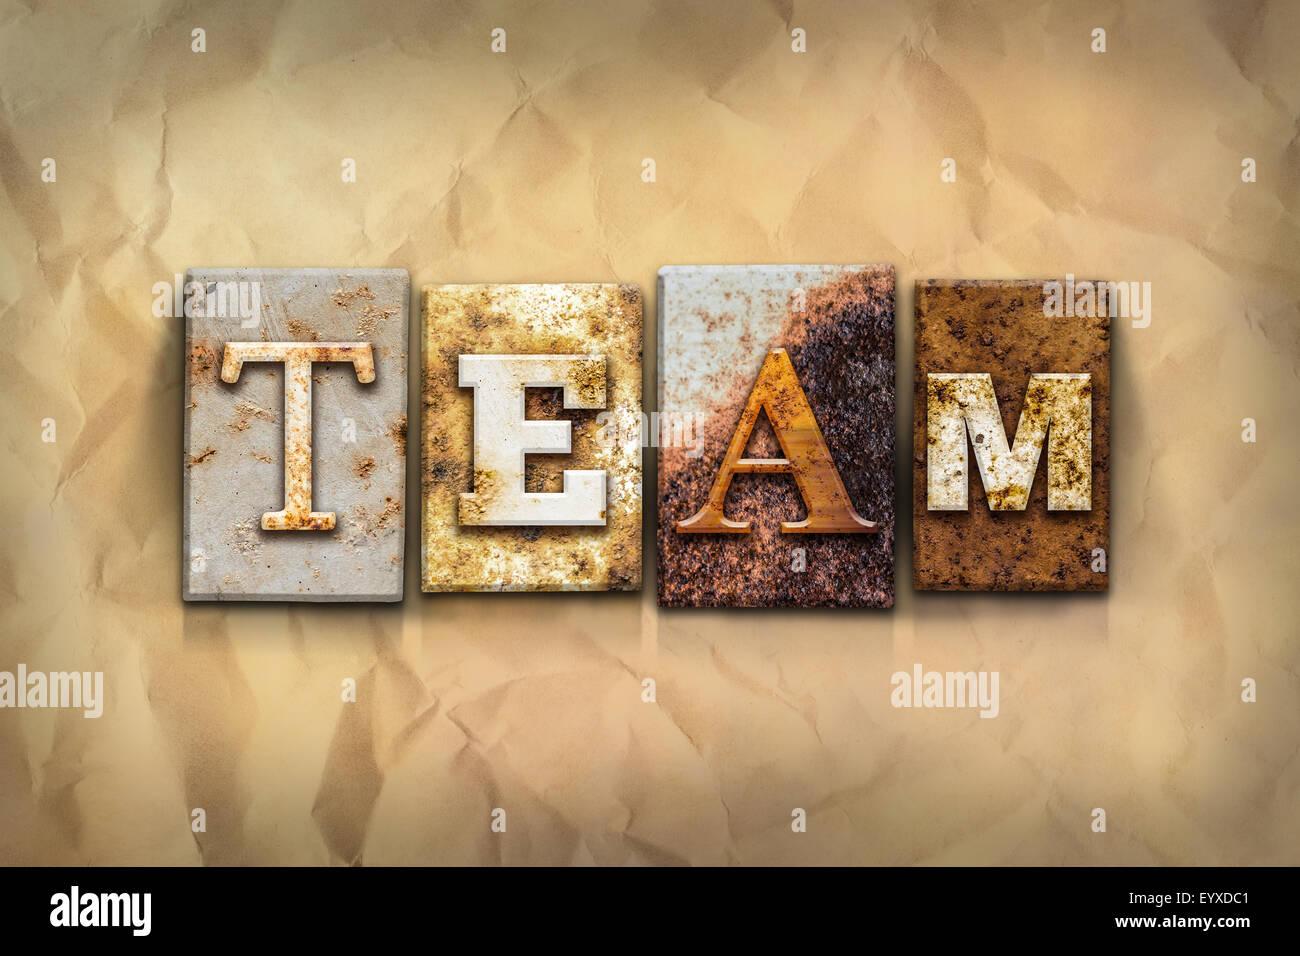 Teamwork Word In Vintage Metal Stock Photos & Teamwork Word In ...